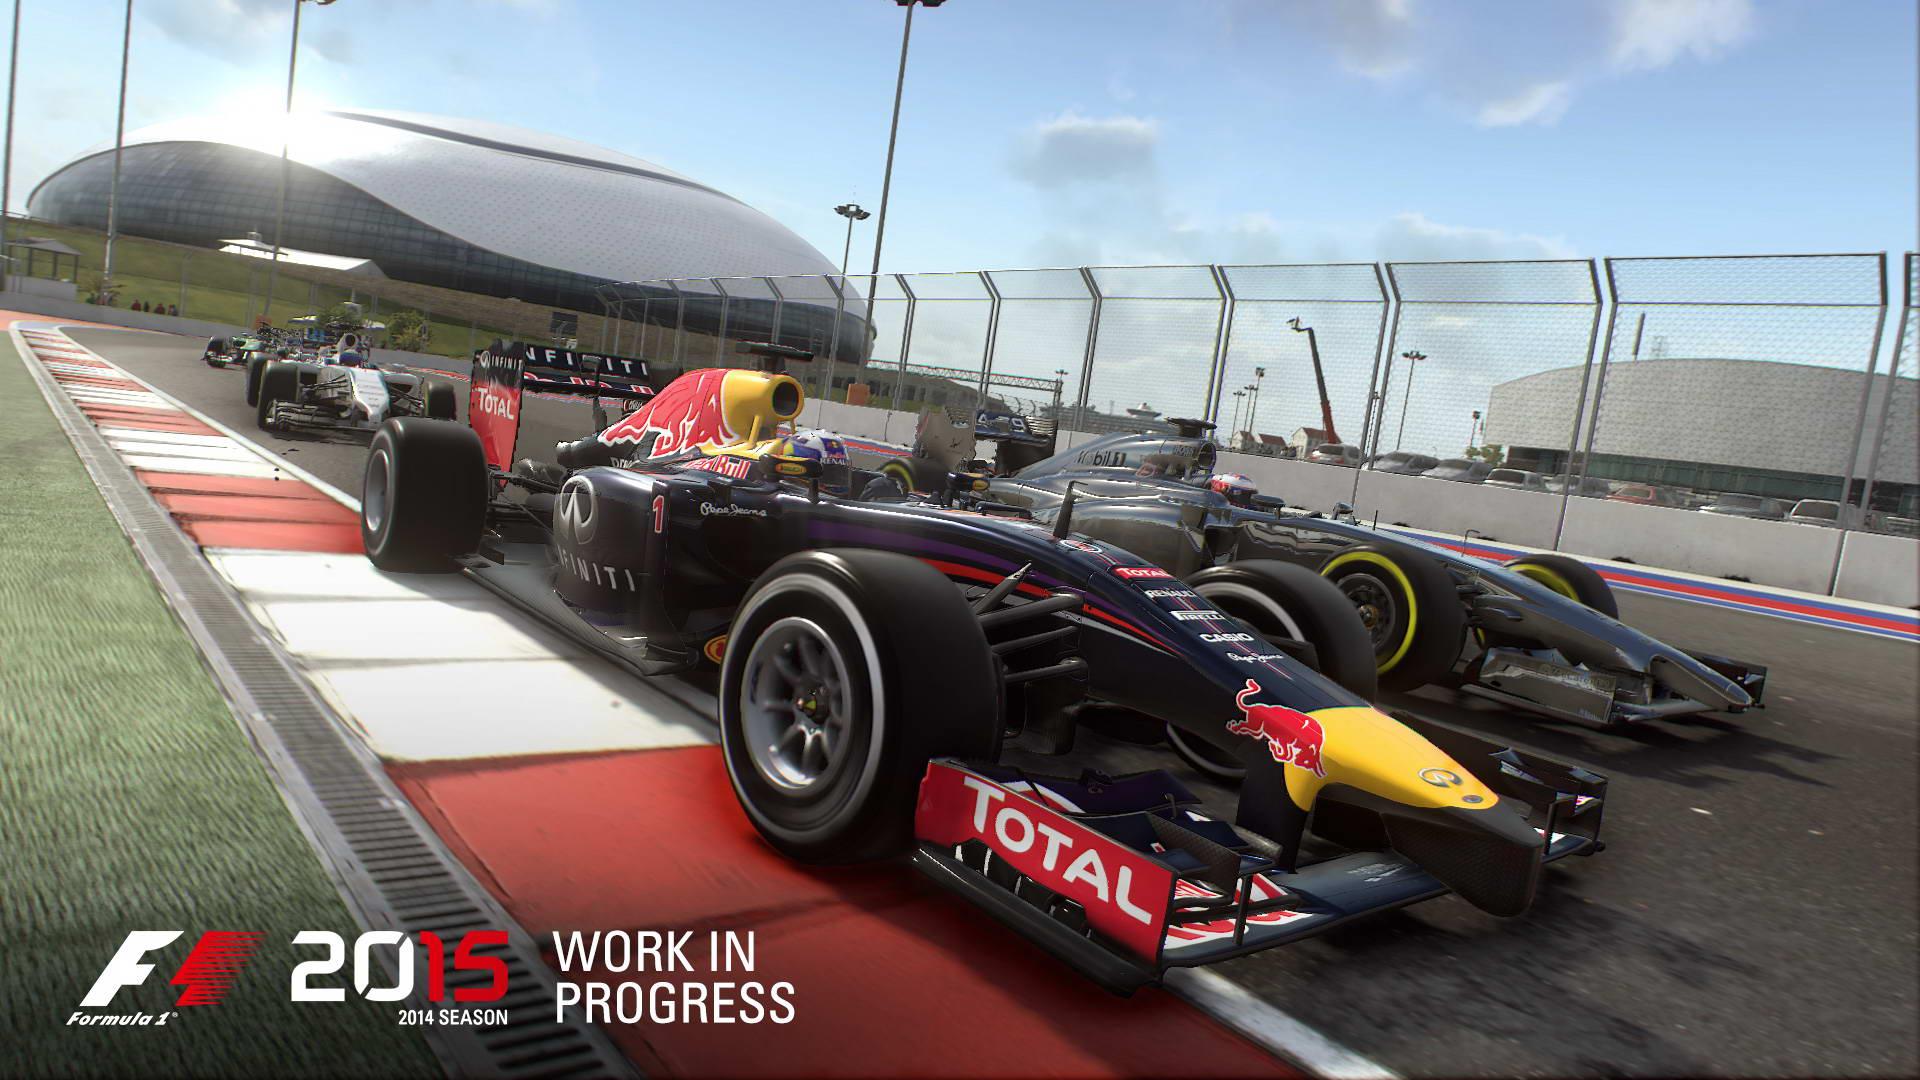 Скриншот F1 2015